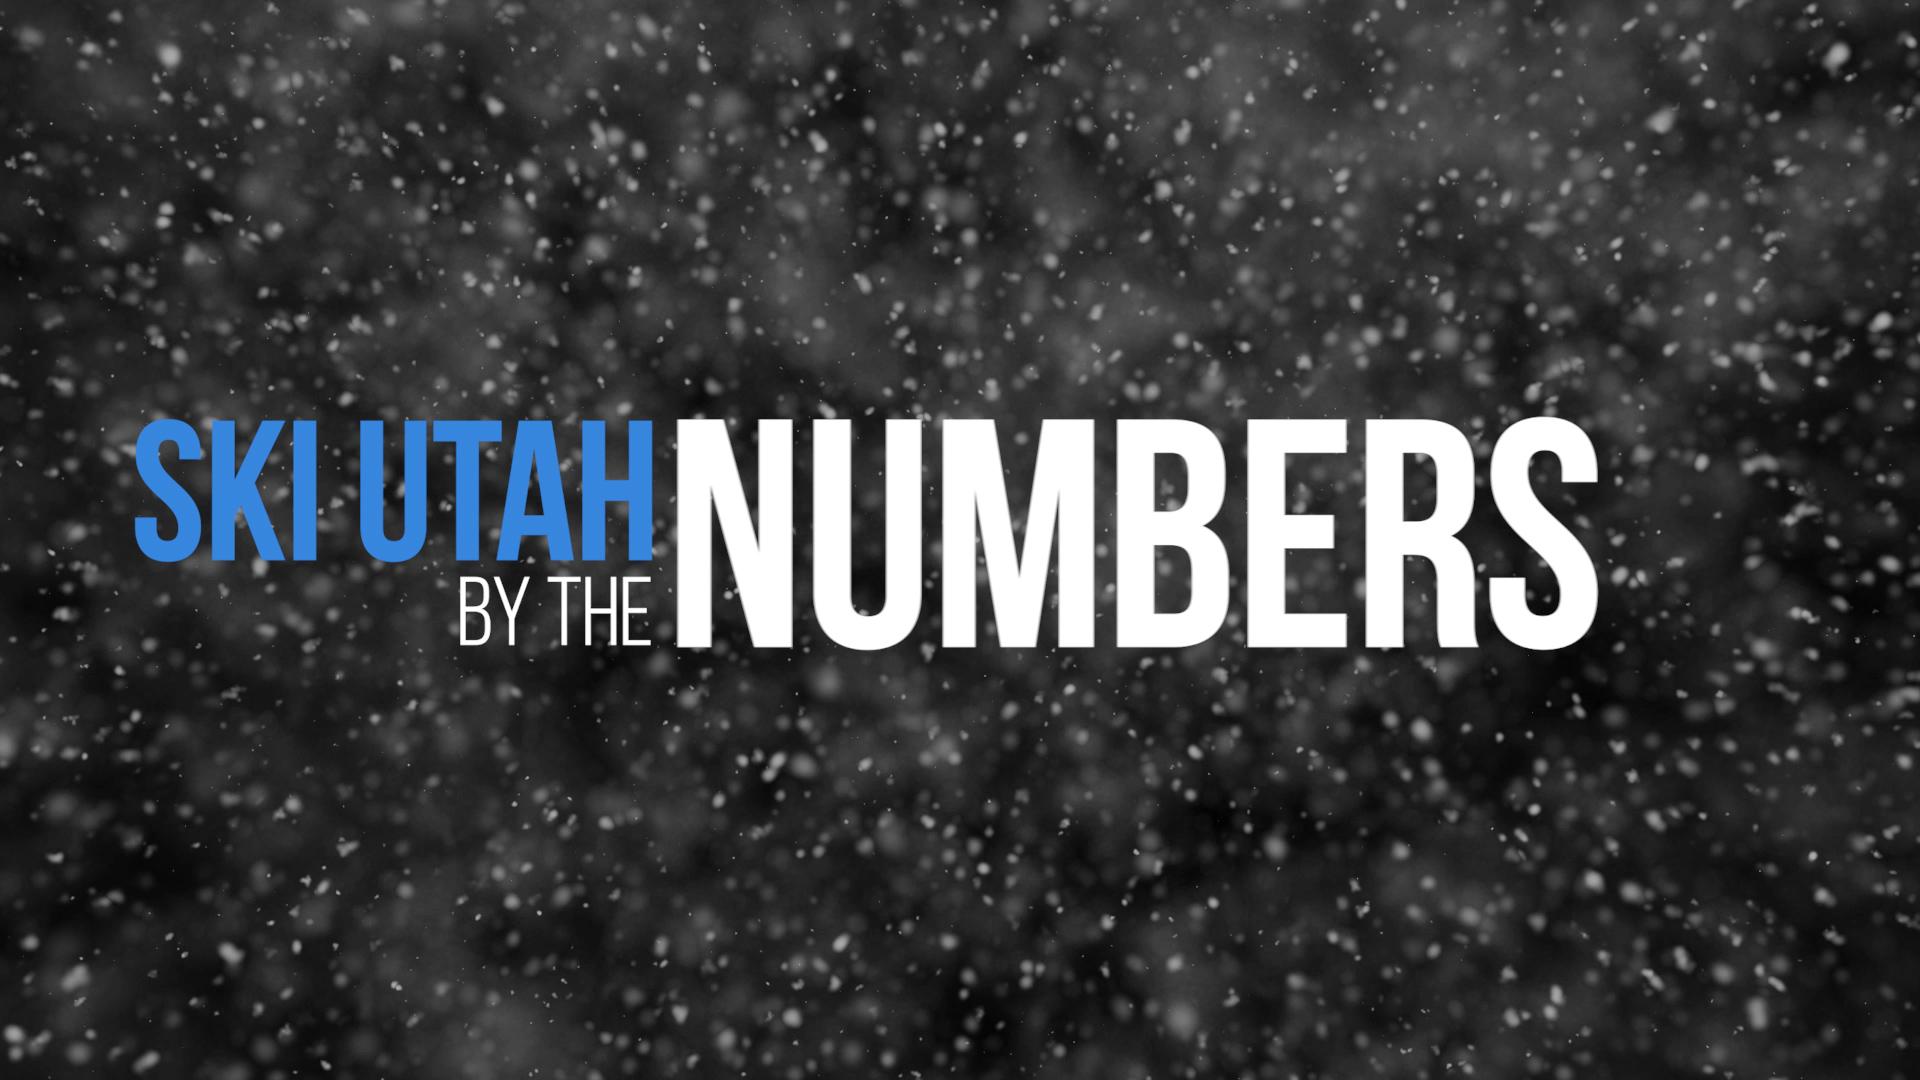 Ski Utah By the Numbers